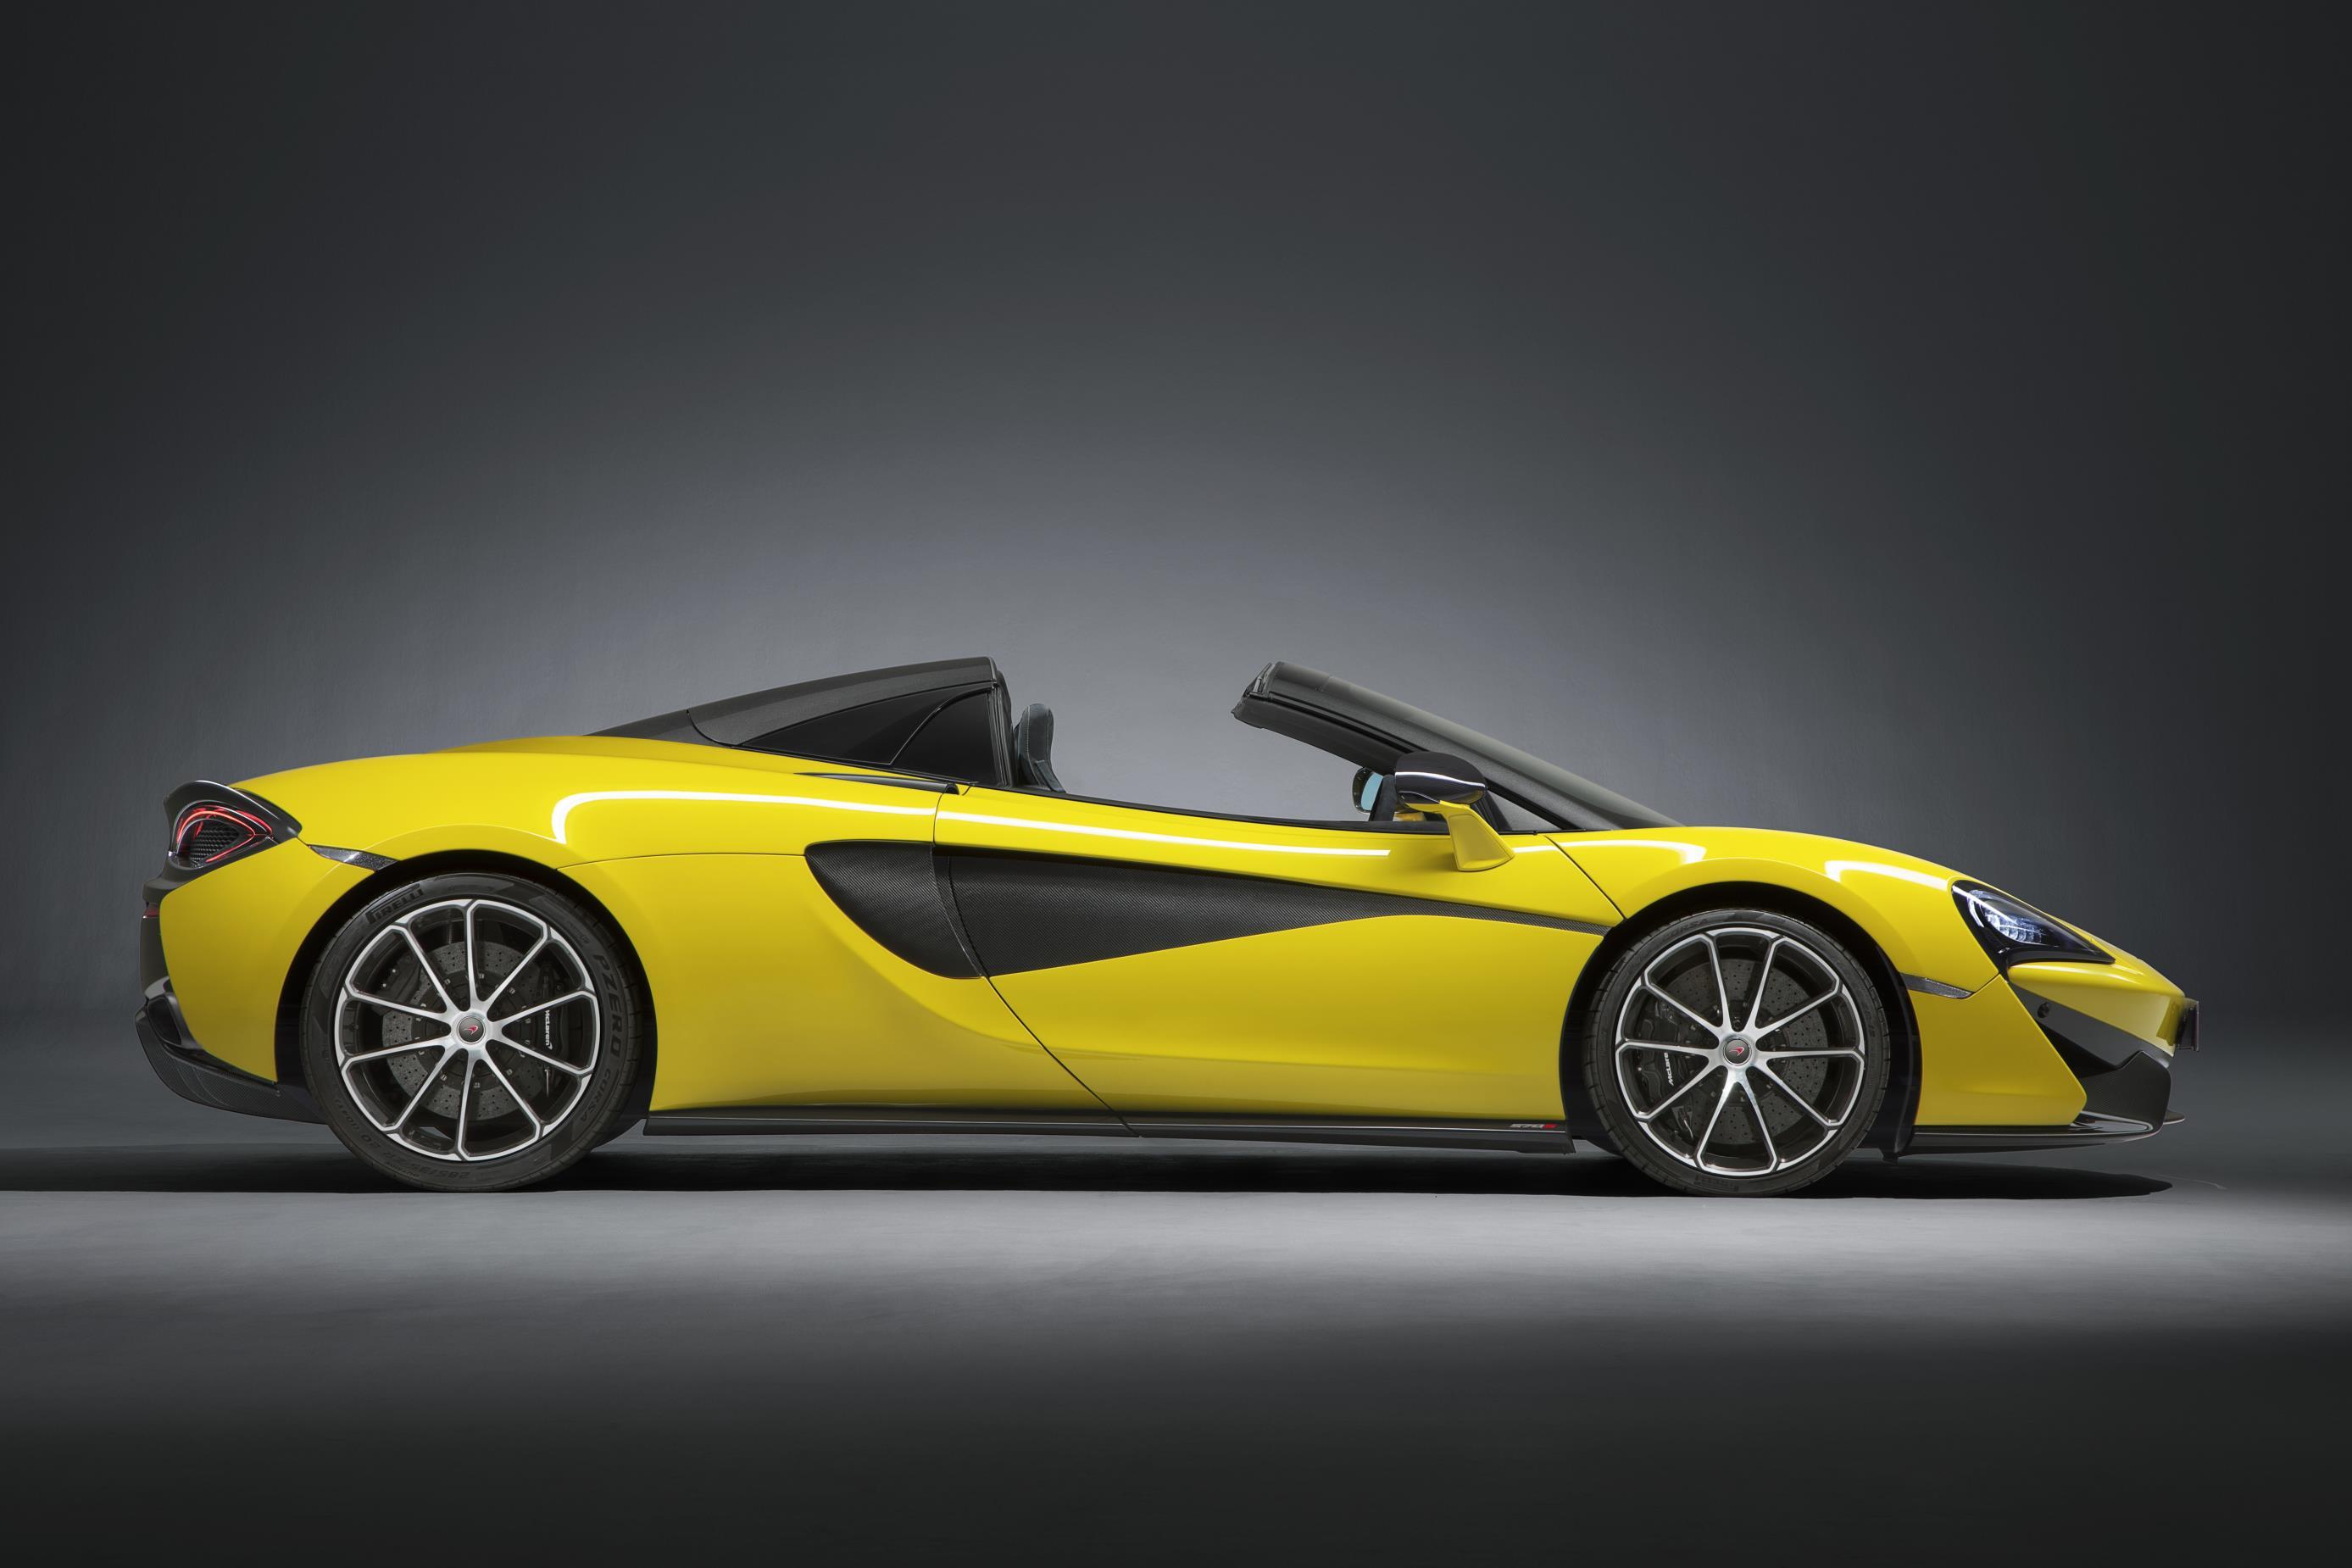 Третий стиль кузова в спортивной серии McLaren присоединяется к моделям Coupe и GT, используя убирающуюся жесткую крышу с технологией, полученной из моделей Spider 650S и 675LT.